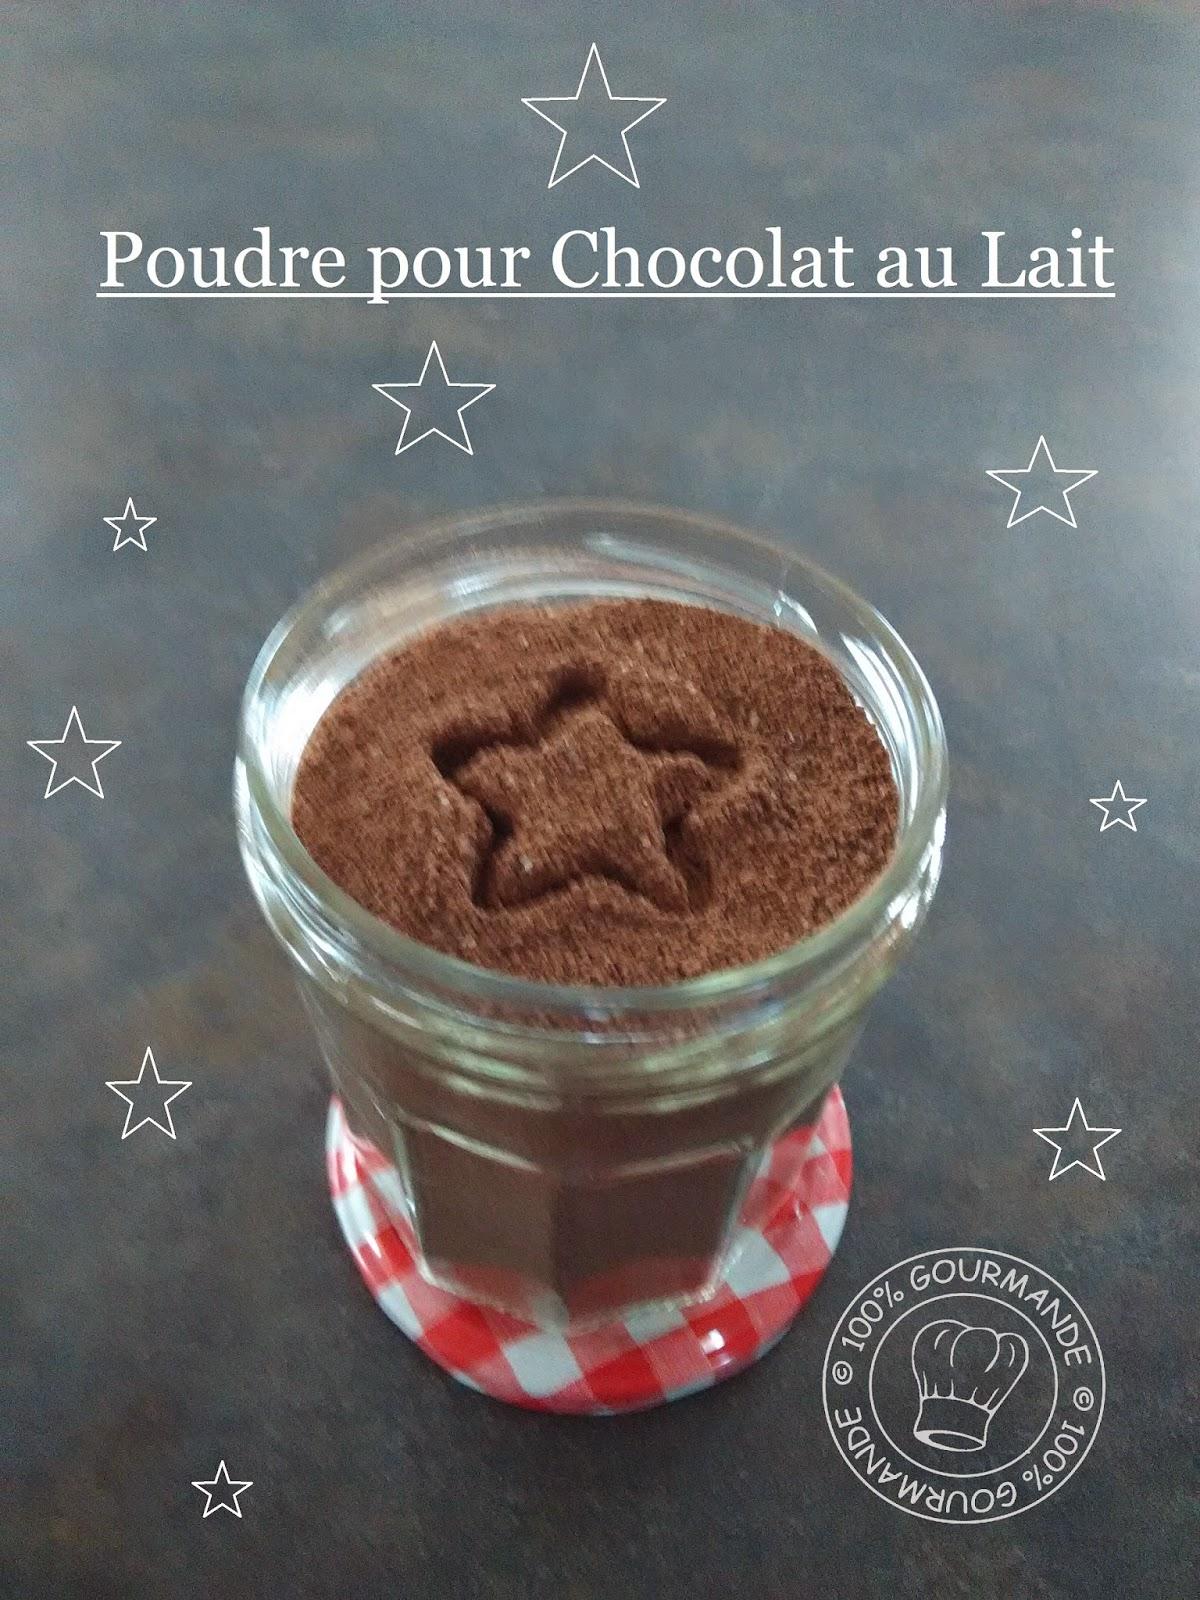 100 gourmande faire sa poudre pour chocolat au lait maison. Black Bedroom Furniture Sets. Home Design Ideas